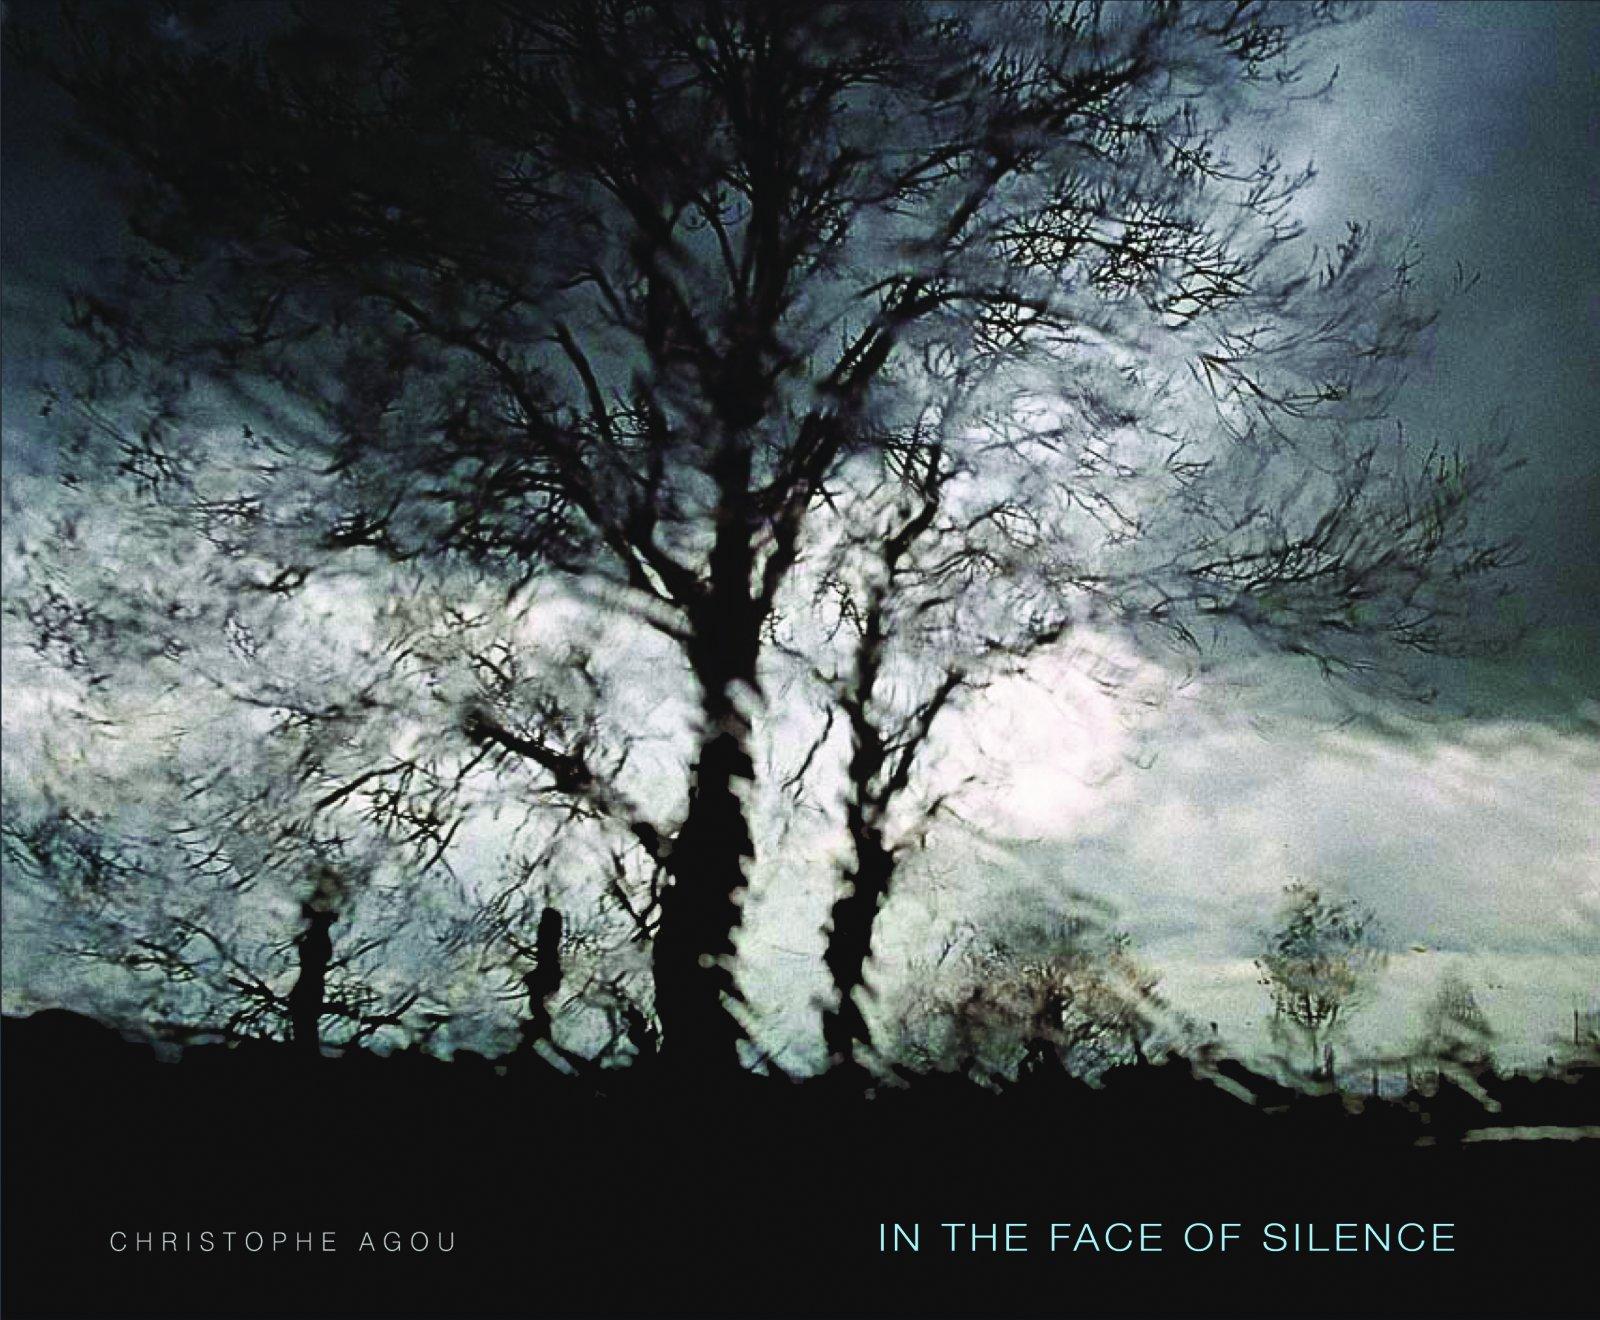 【古本】クリストフ・アグ写真集: CHRISTOPHE AGOU: IN THE FACE OF SILENCE